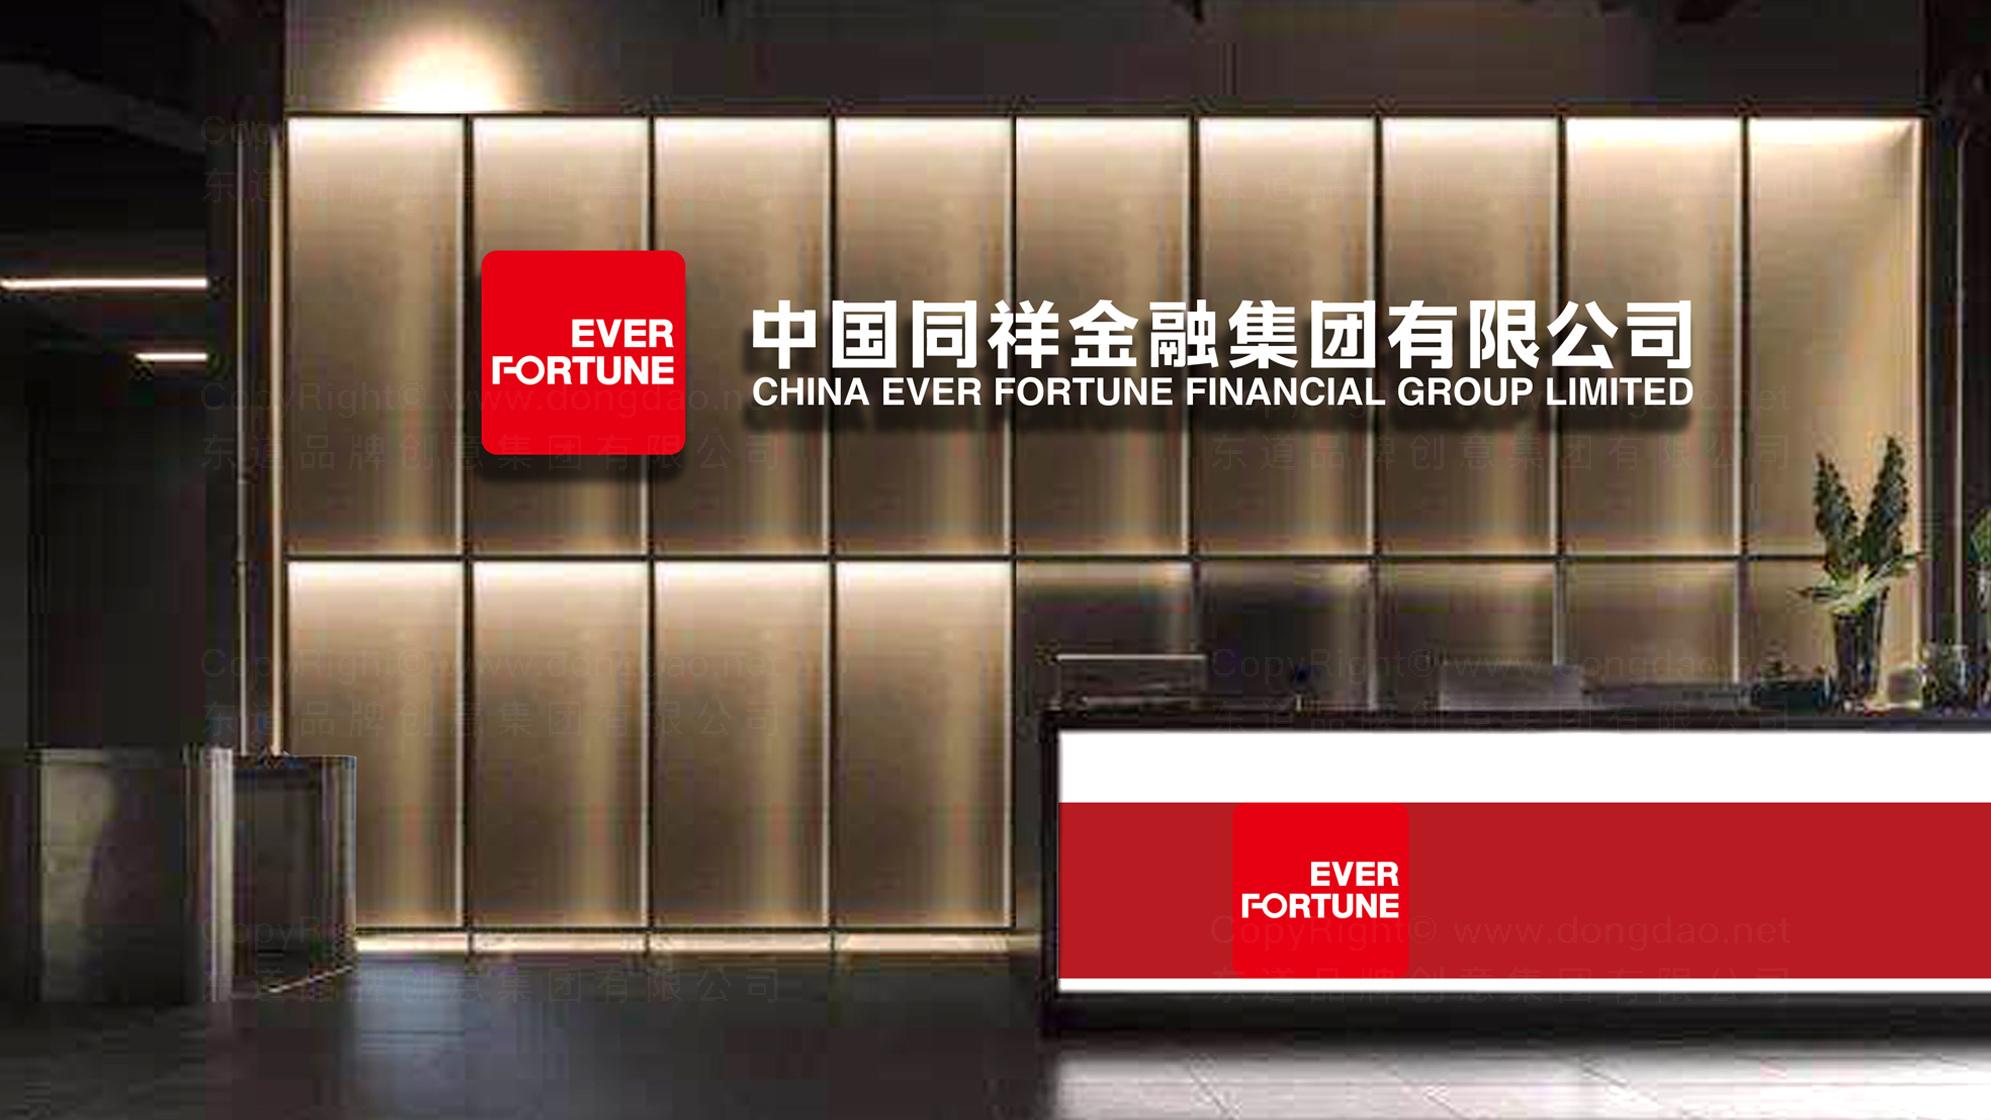 品牌设计中国同祥金融集团有限公司标志设计应用场景_3